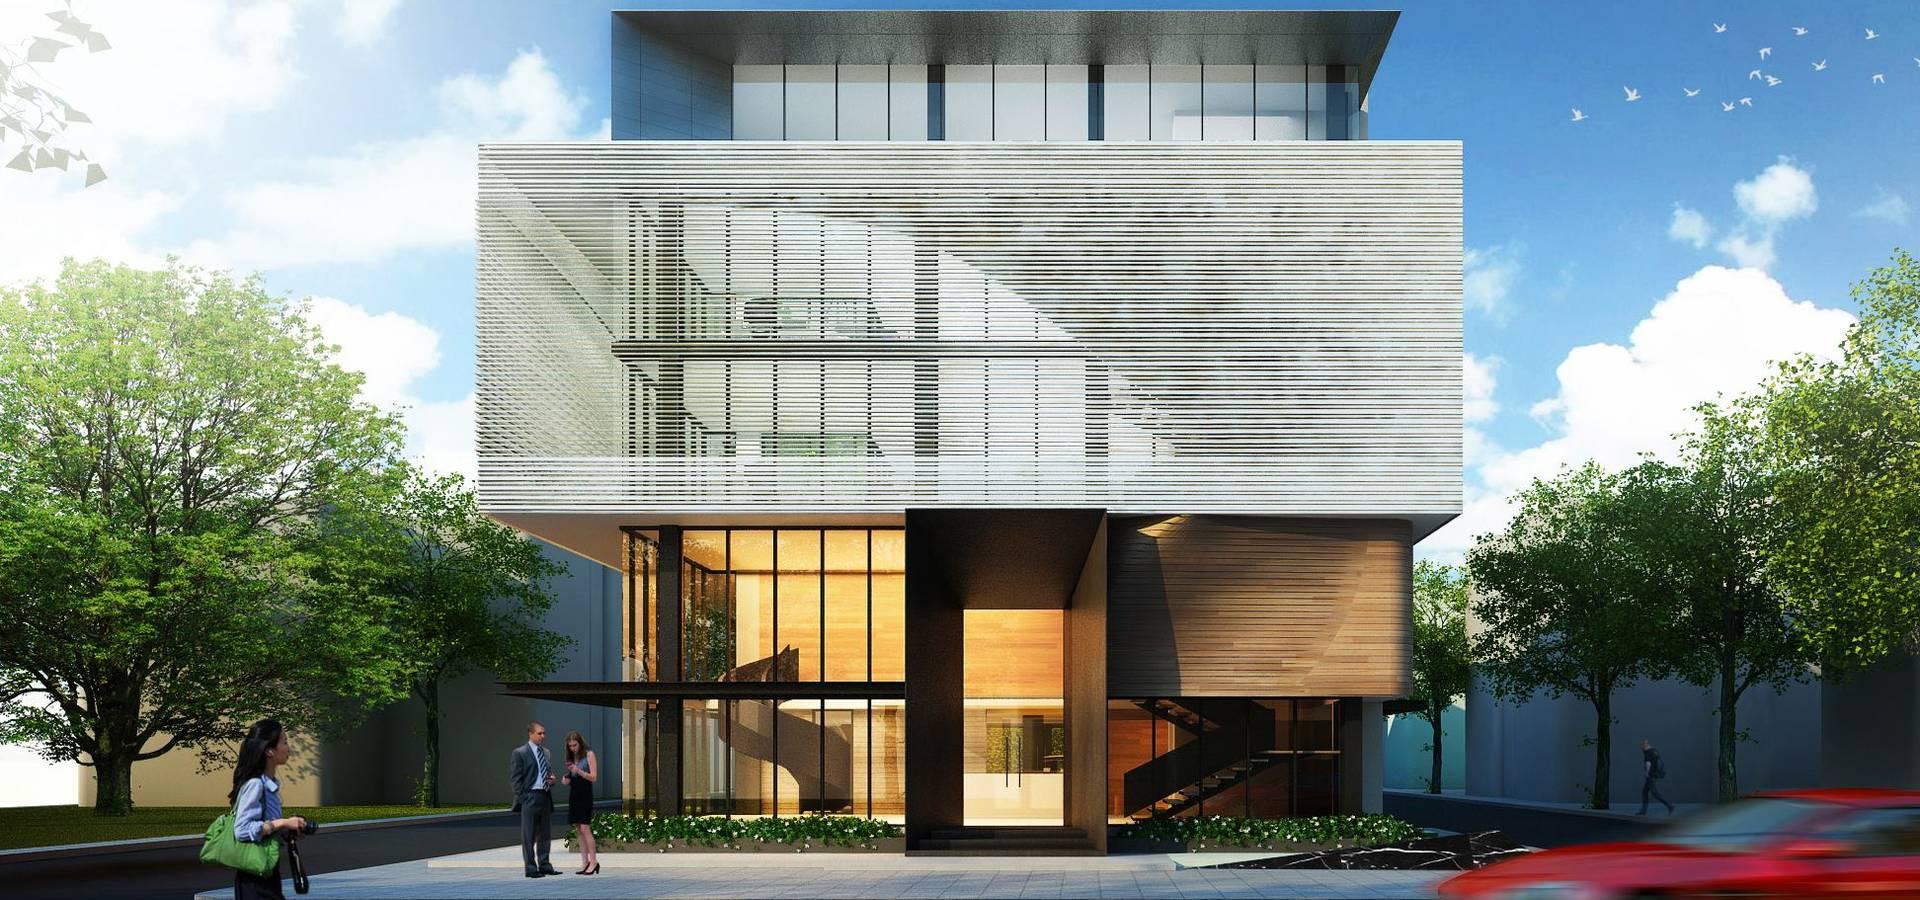 Pure Architect Co., Ltd.